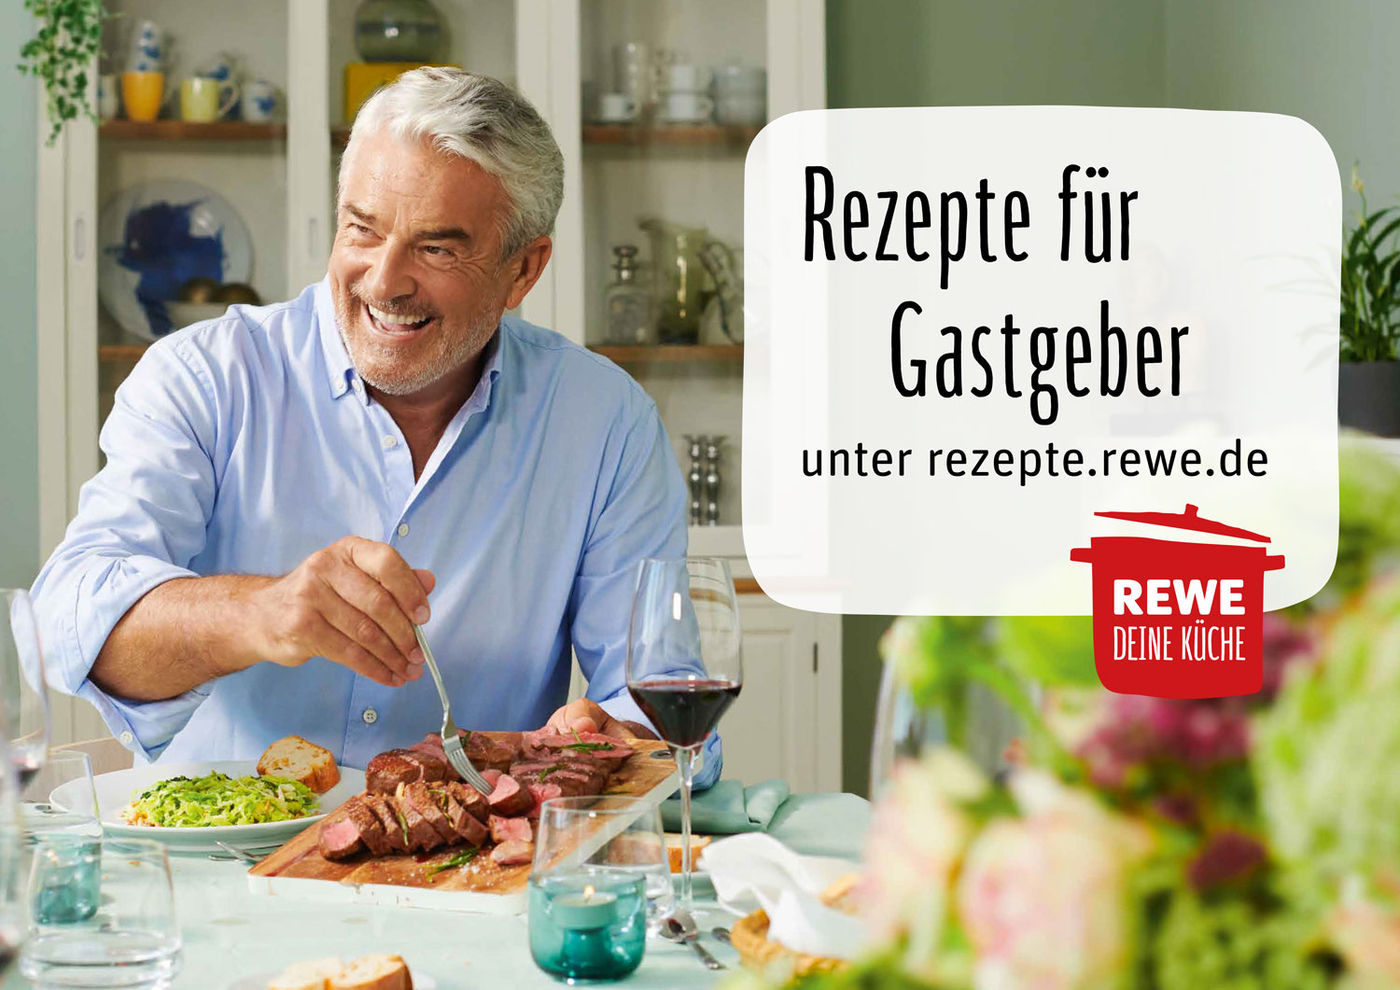 Lecker lunchen mit Lars Lorenz: Mitmachen und REWE ...